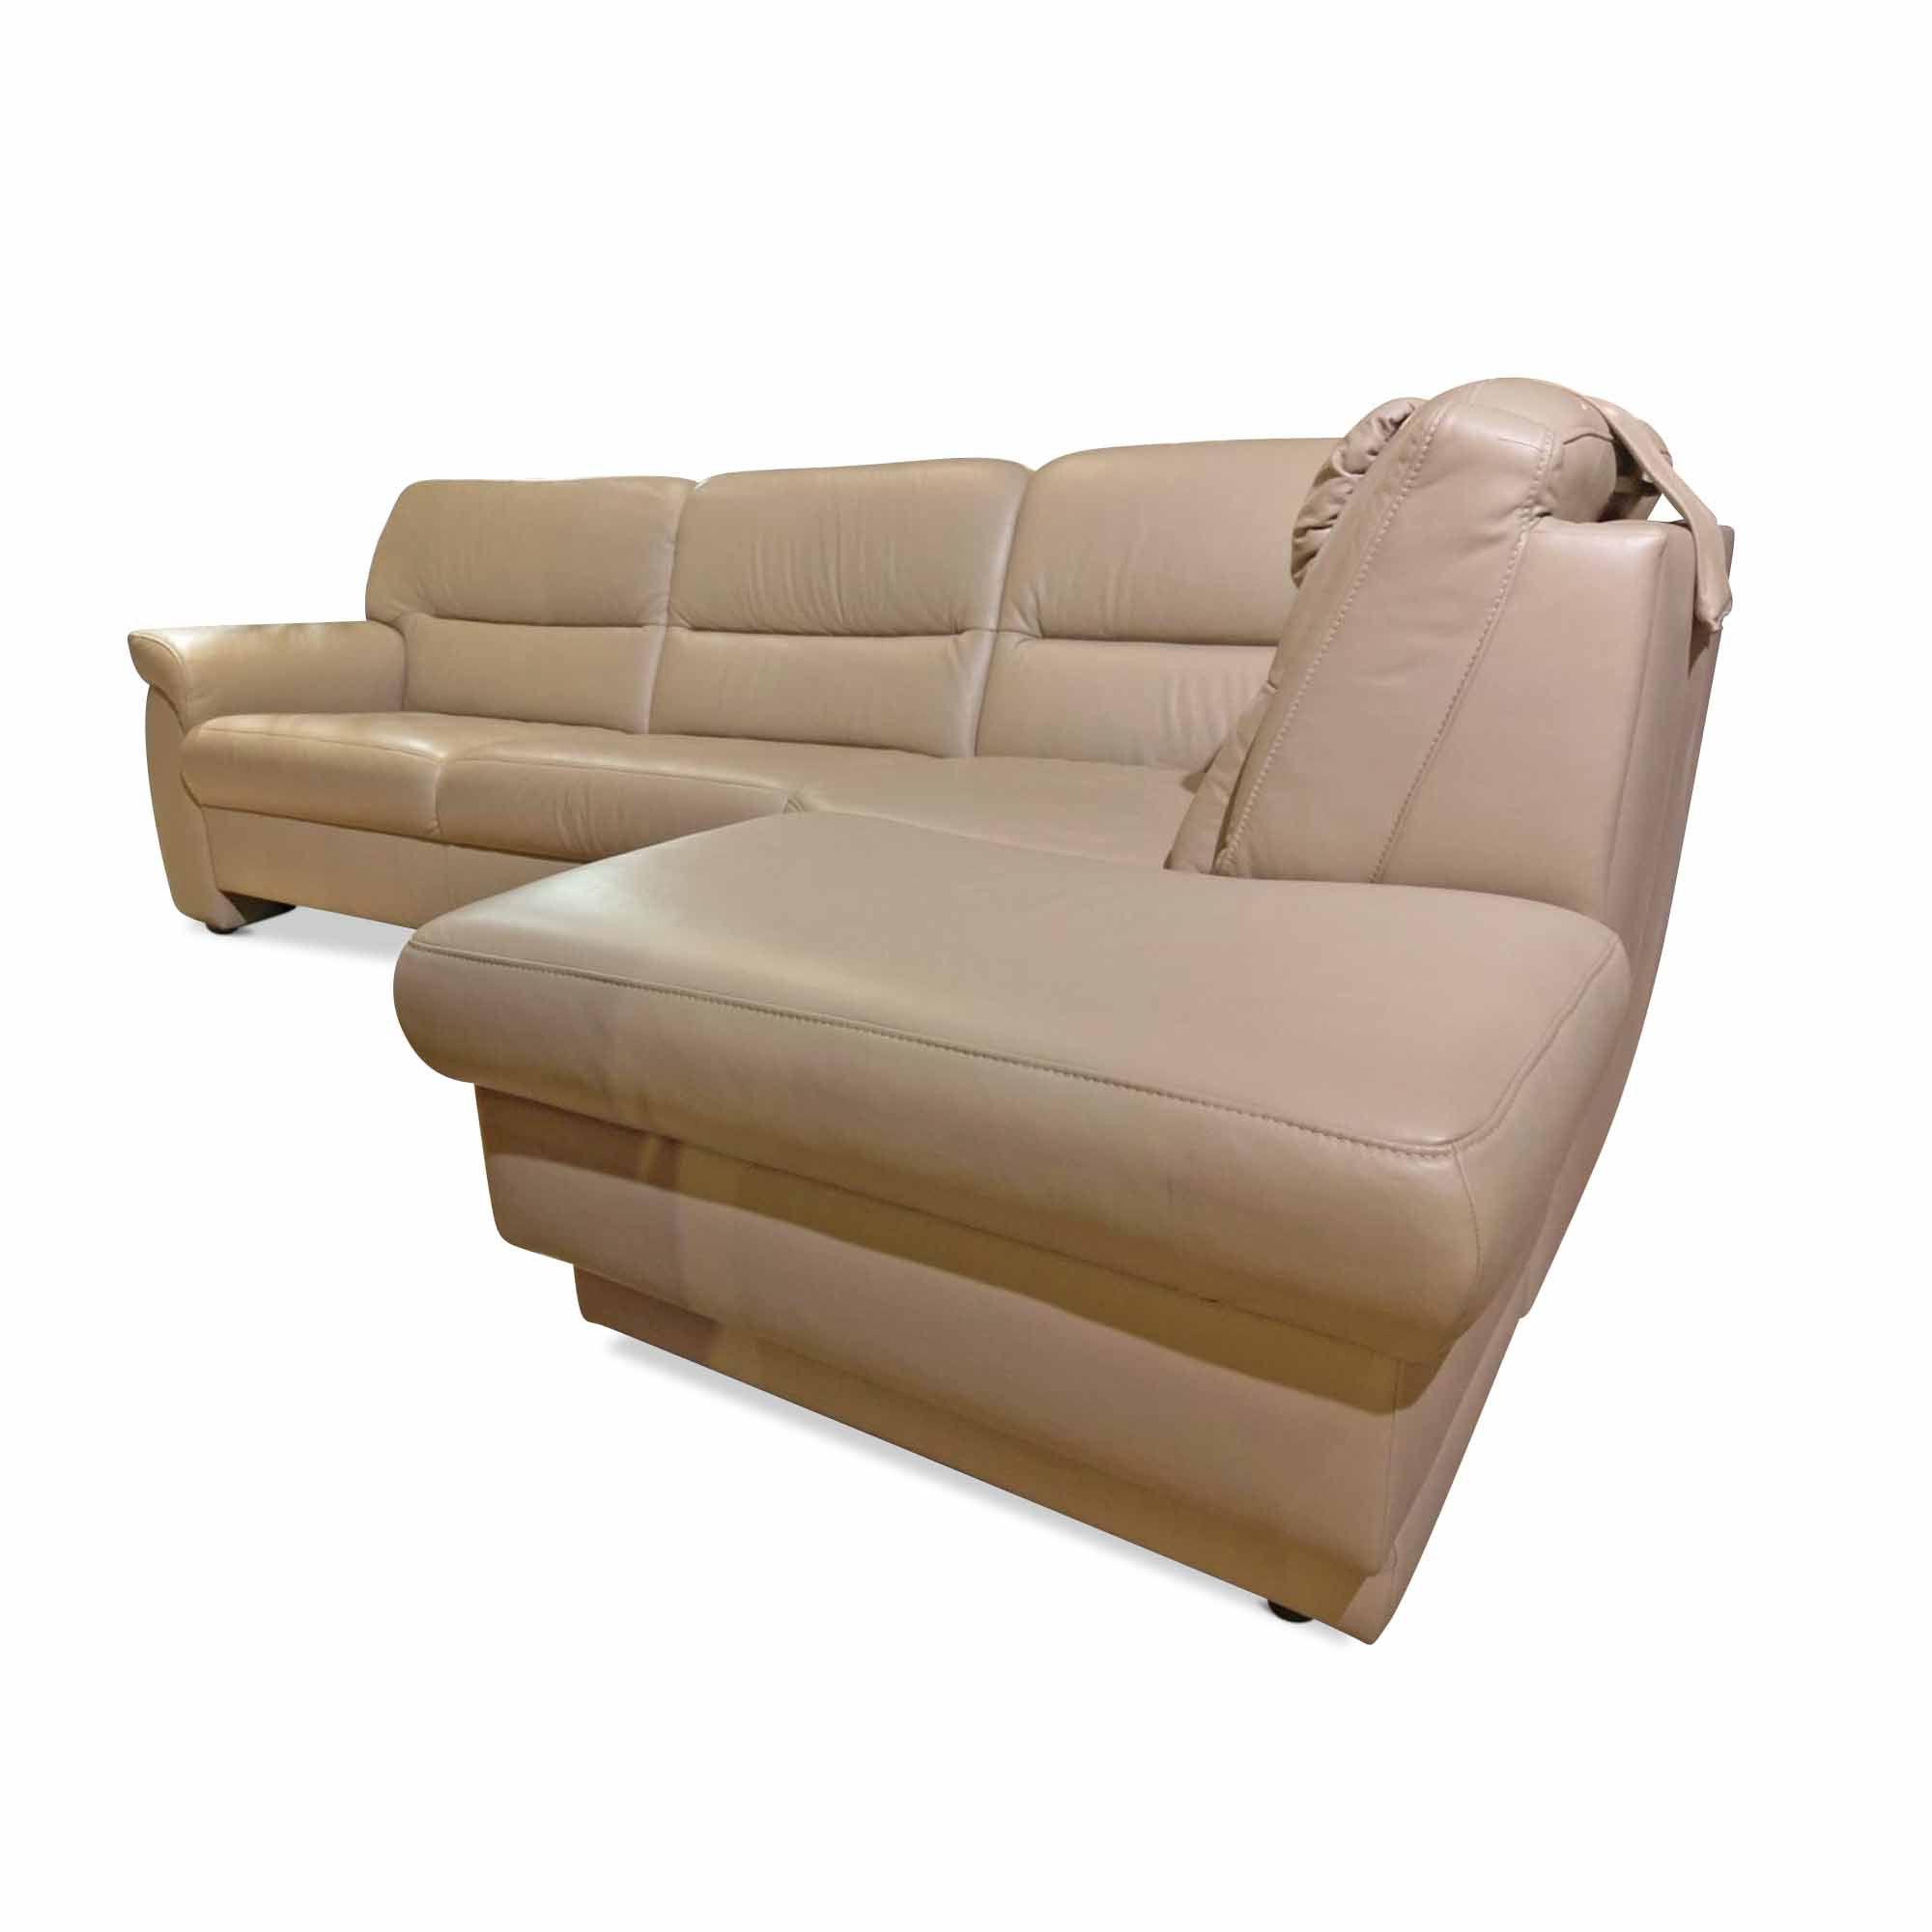 Sofa 1101 Mit Elektrischer Verstellung Himolla Sofas Gunstig Kaufen